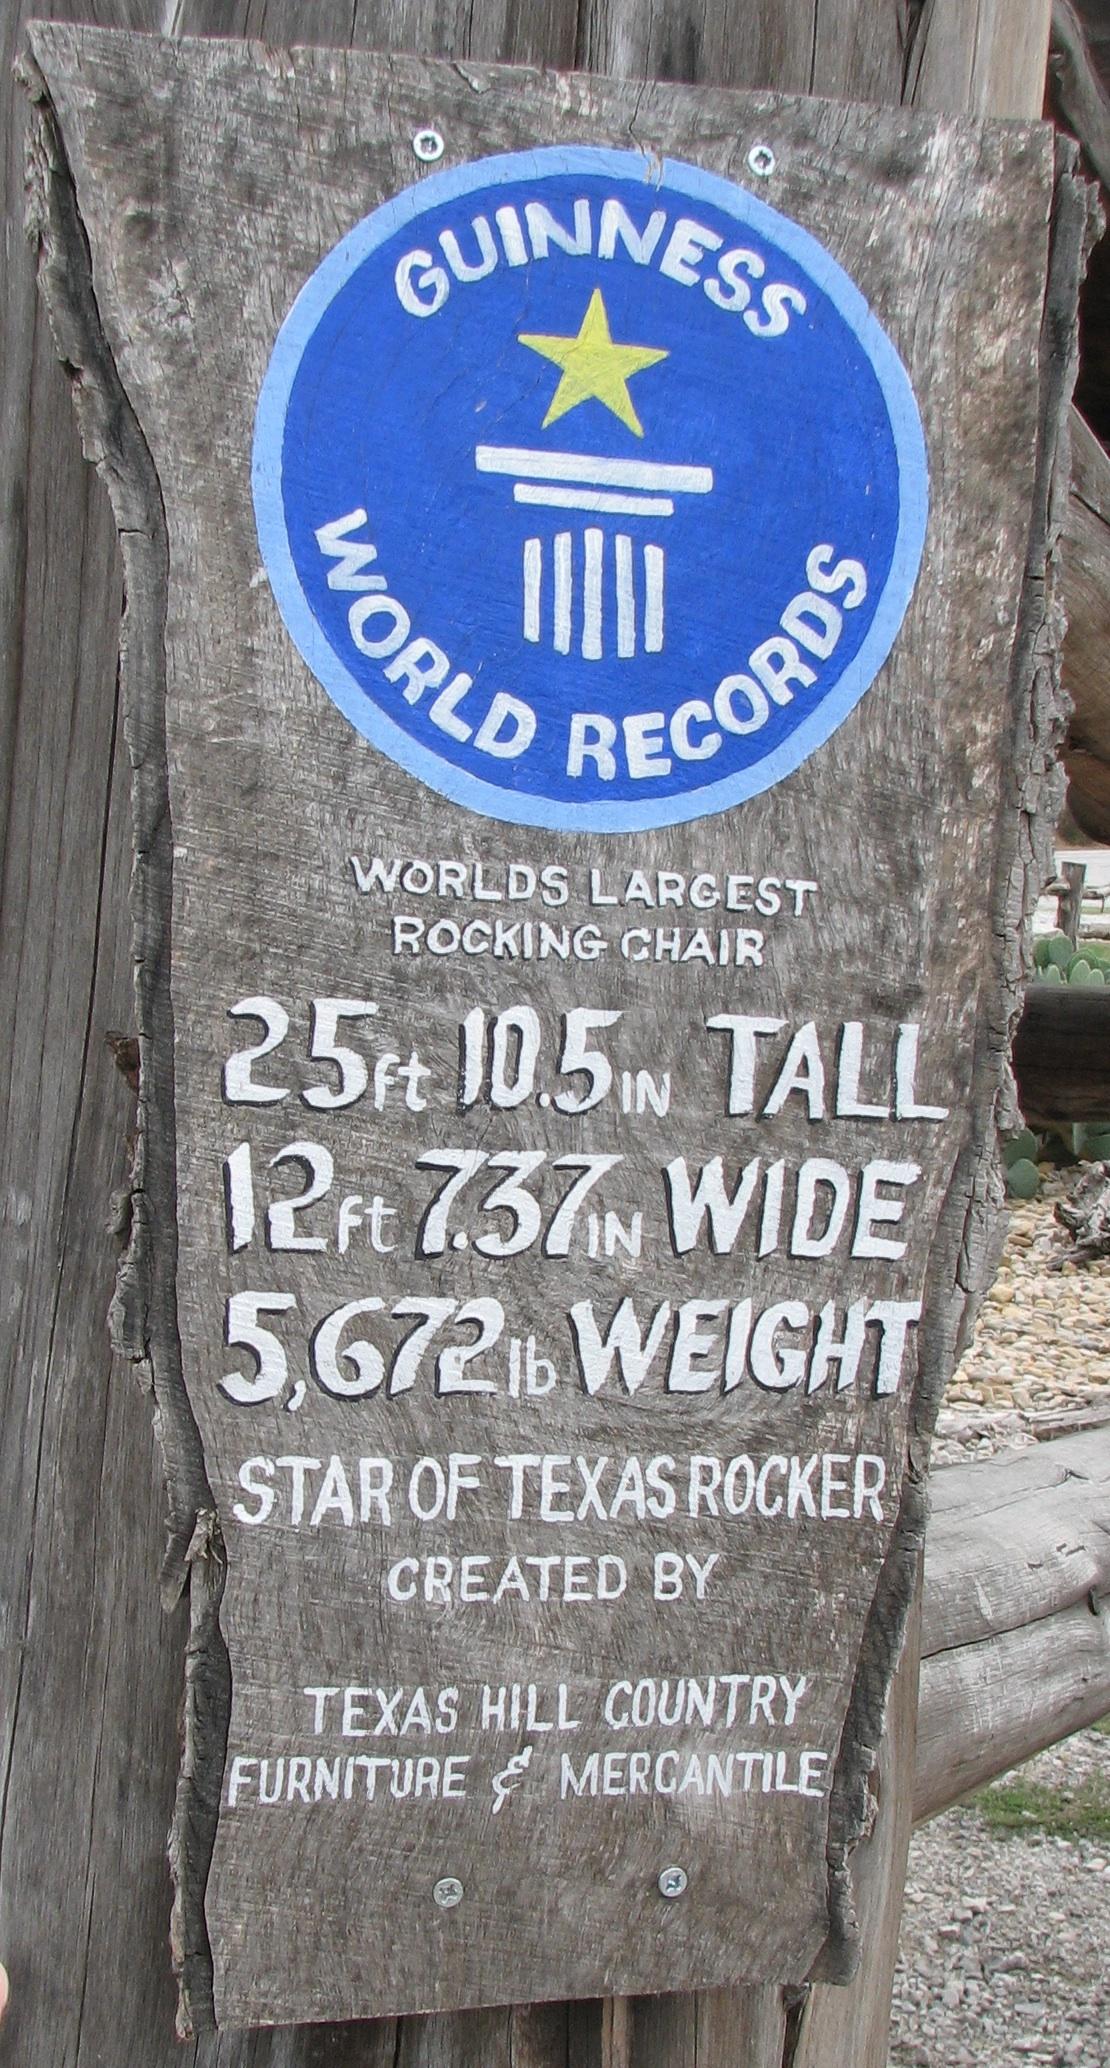 Astonishing Worlds Largest Rocking Chair Star Of Texas Frankydiablos Diy Chair Ideas Frankydiabloscom